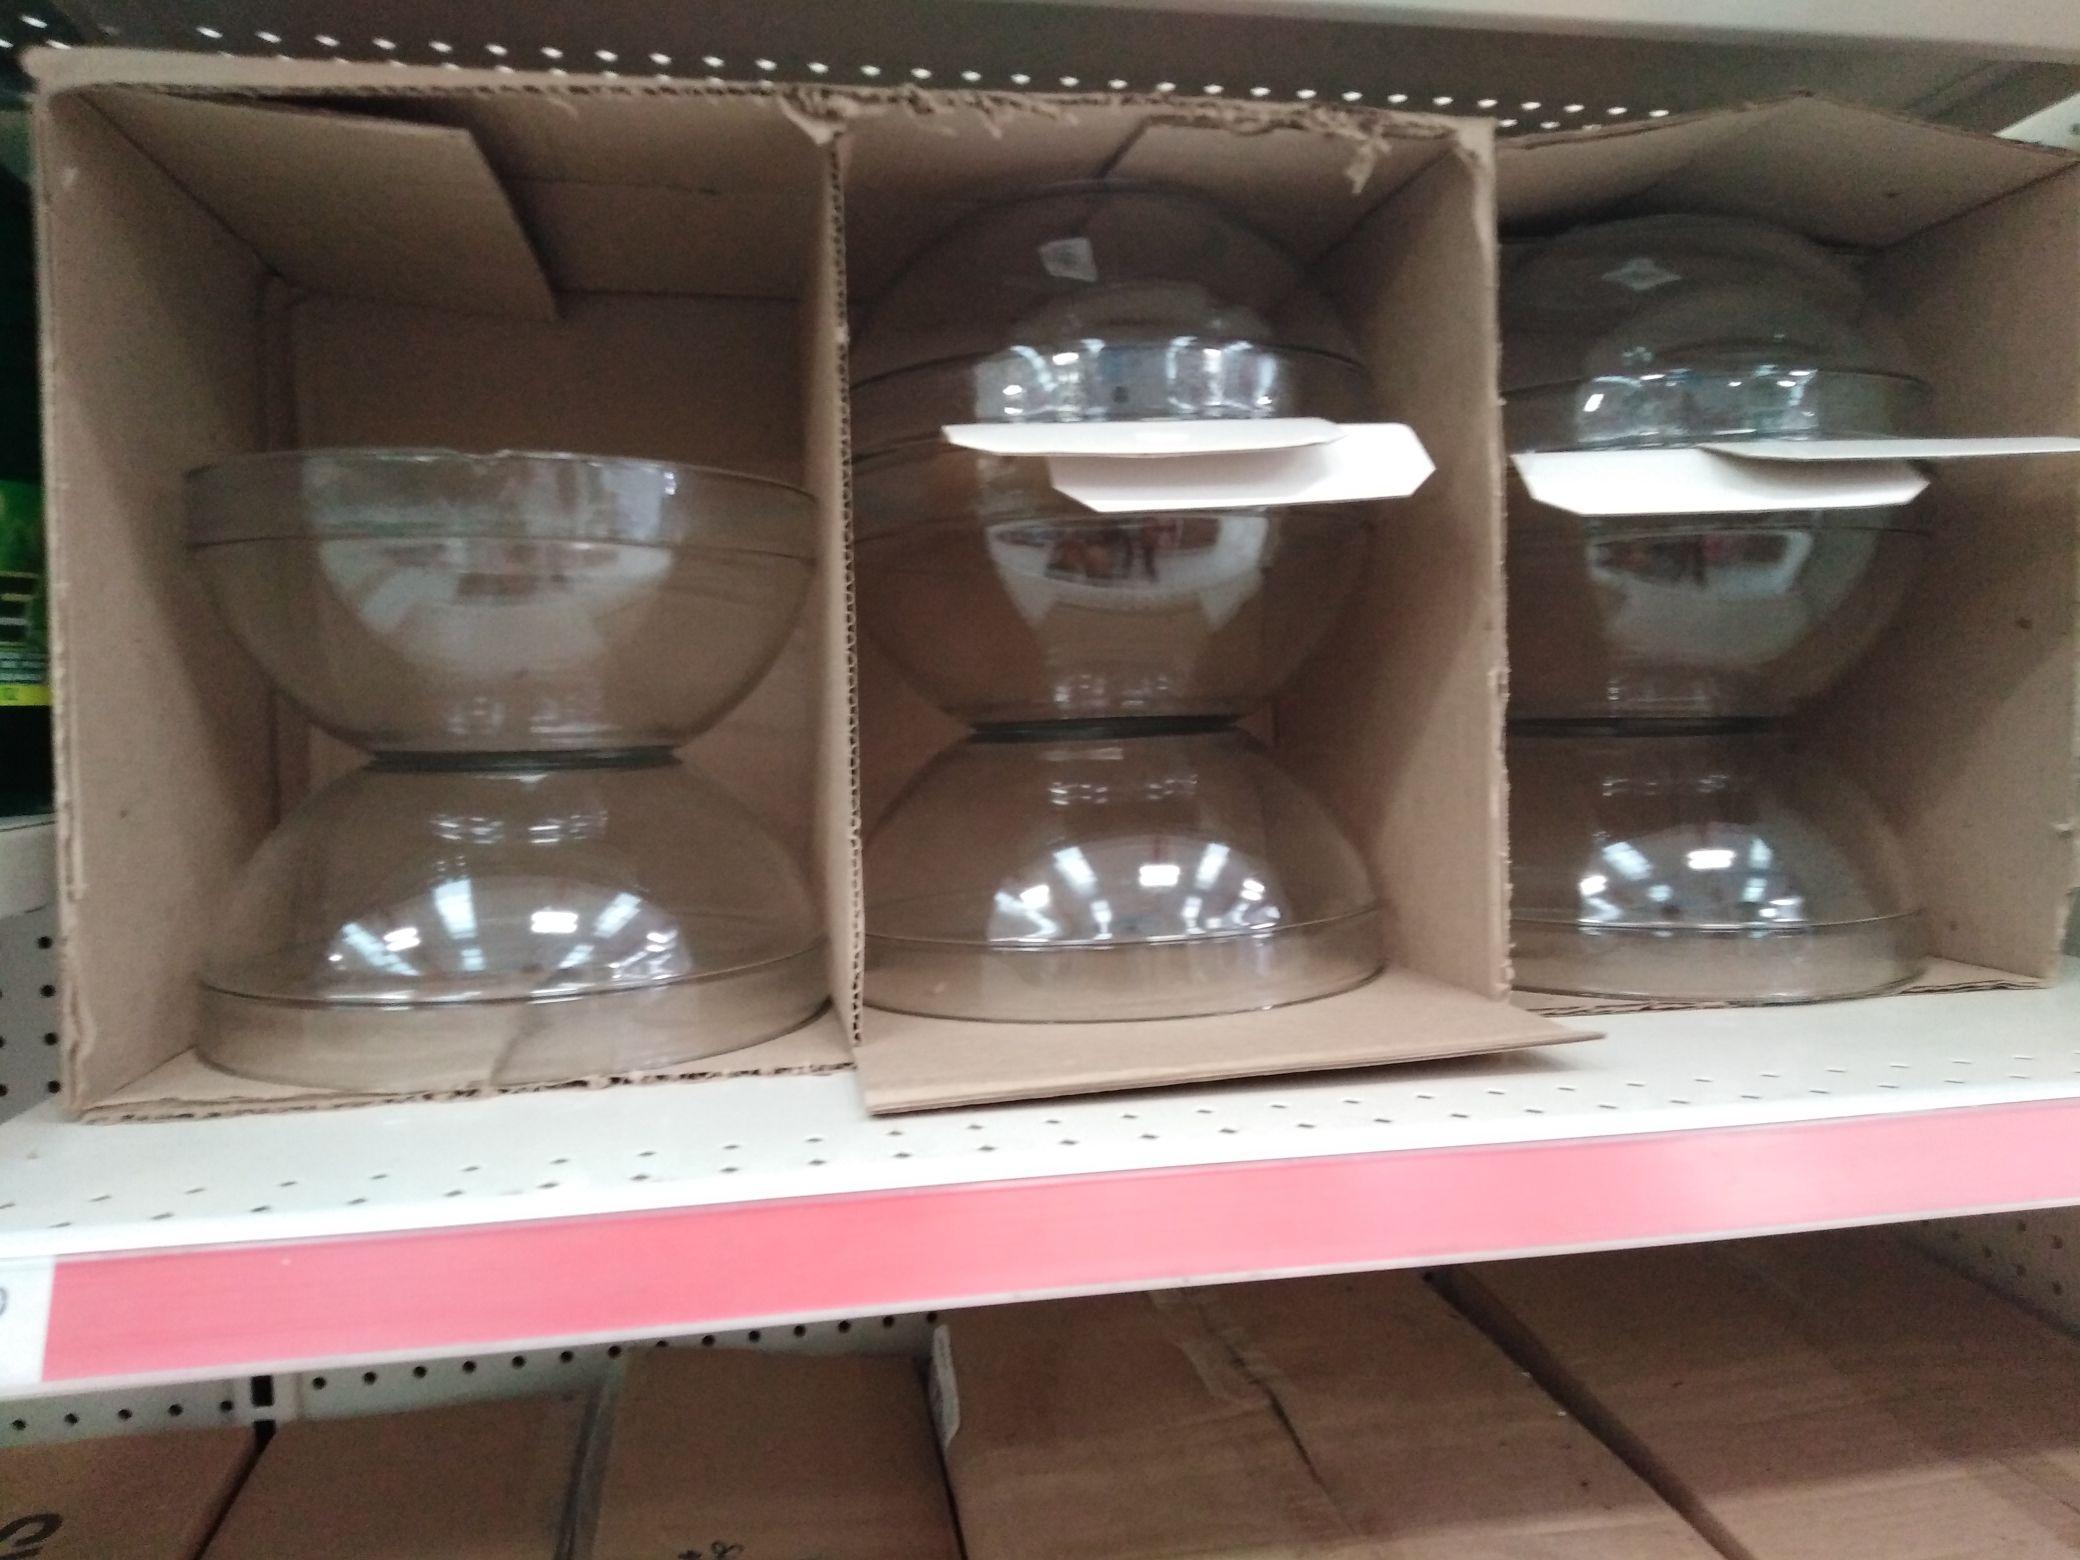 Tienda Bara Guanajuato Capital: Tazón de vidrio de 4L y más...